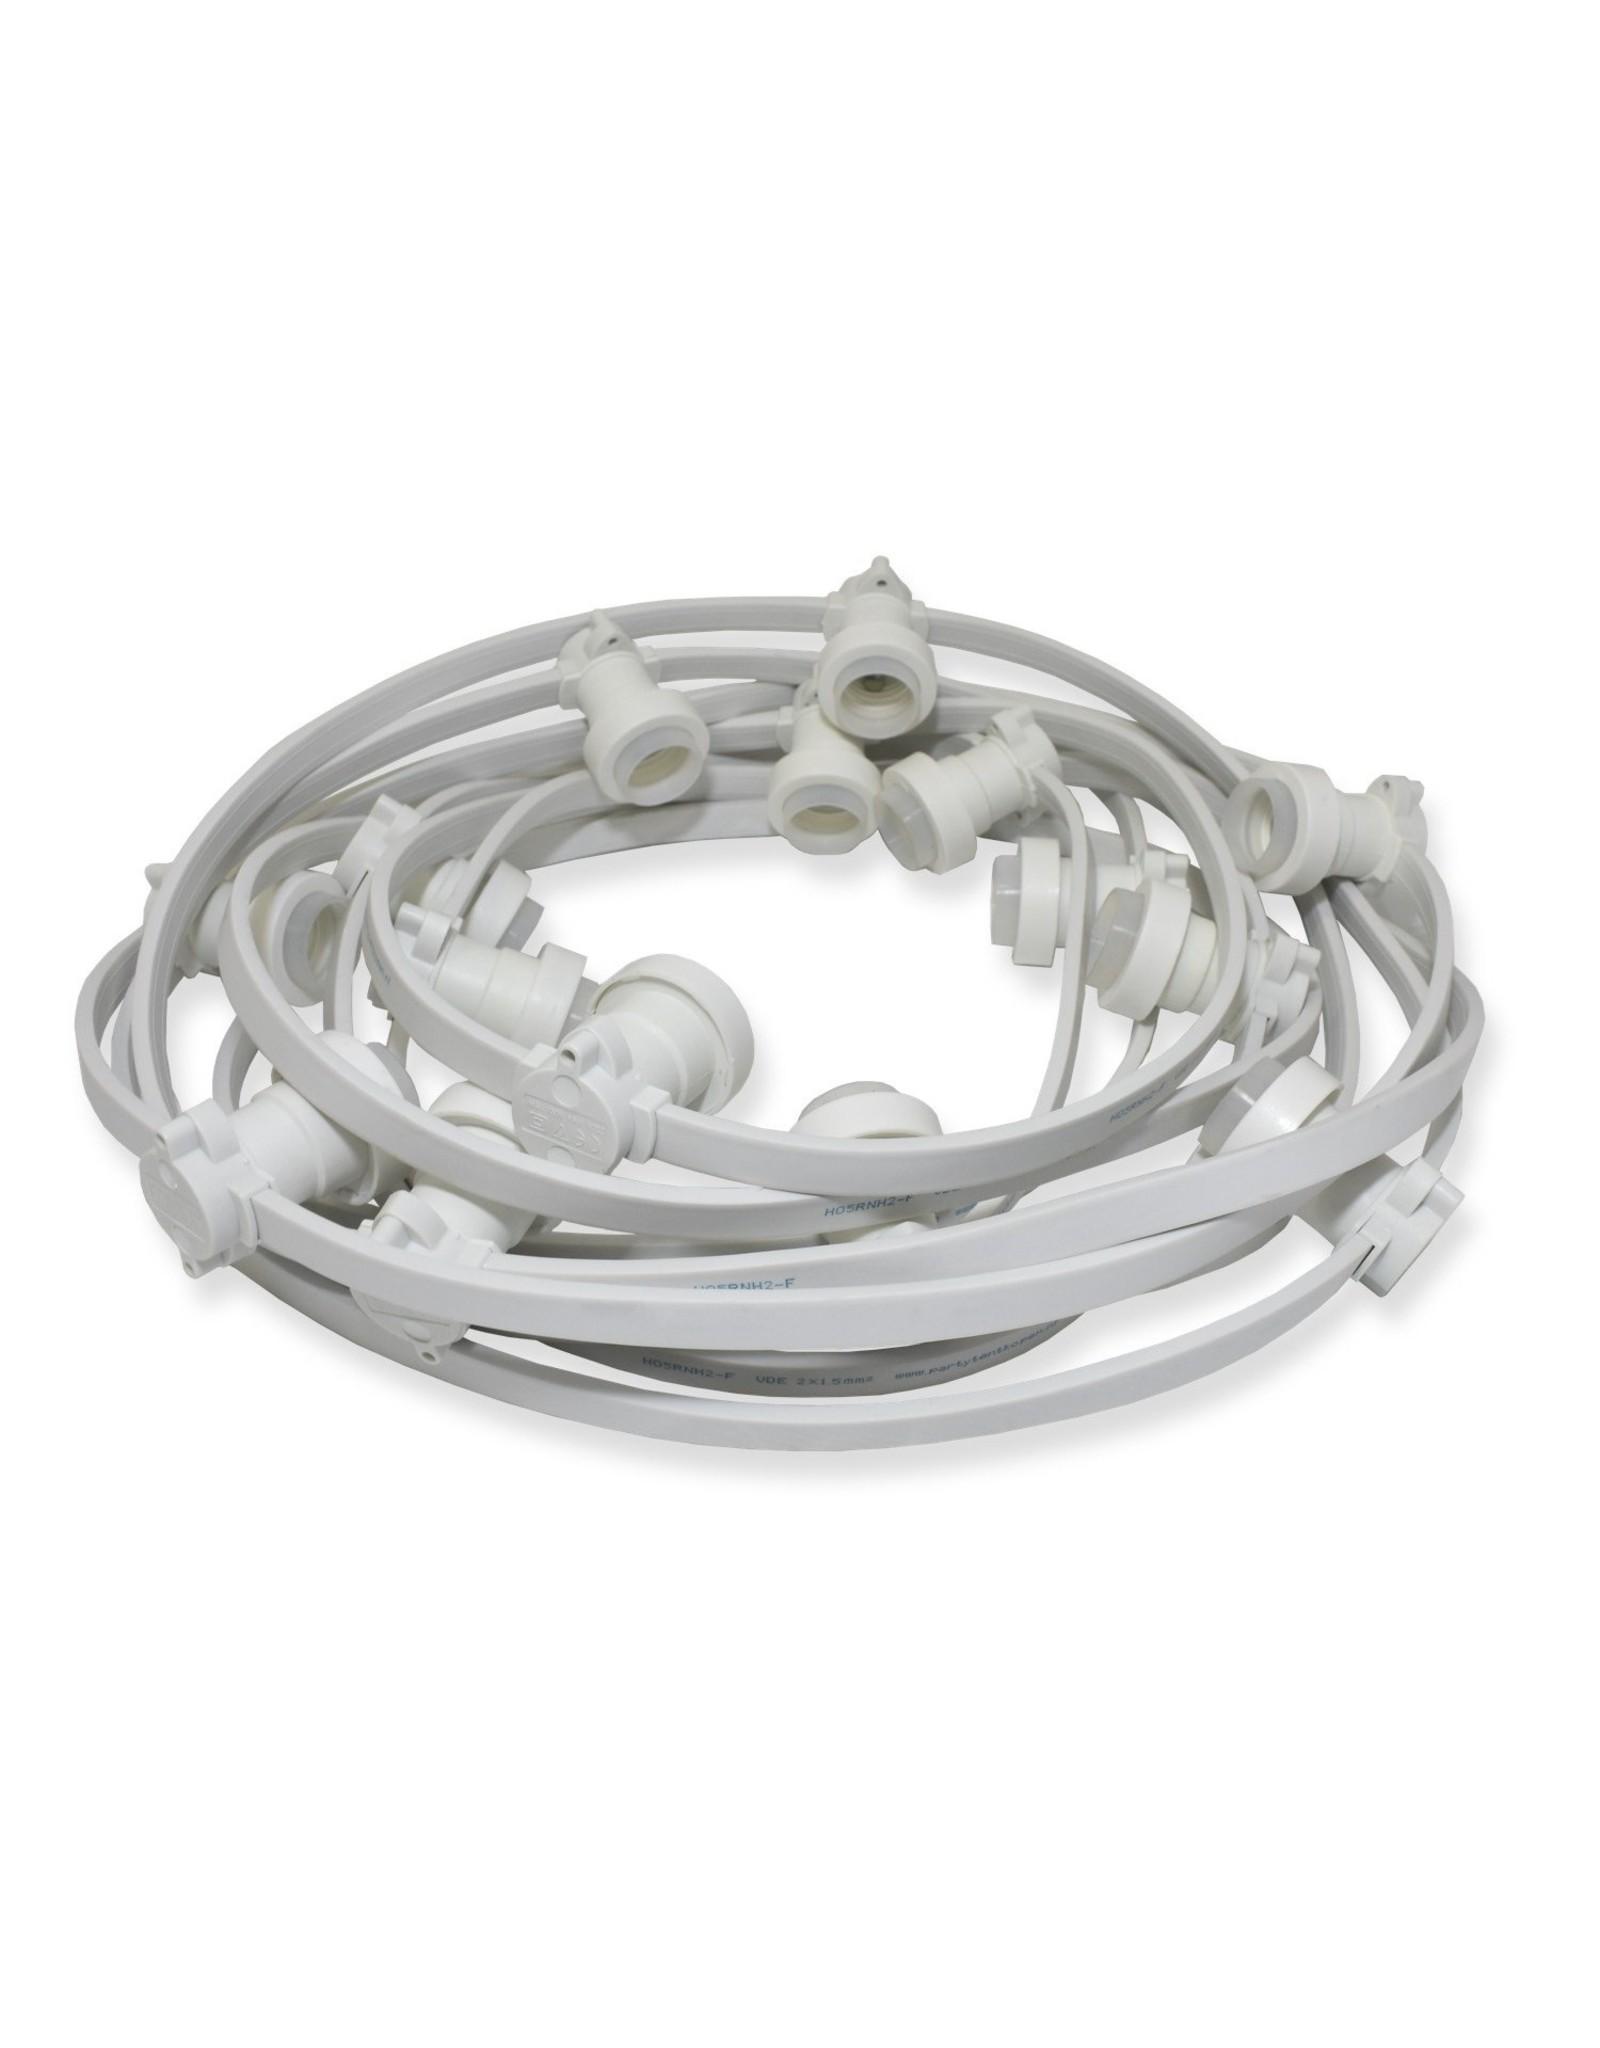 Lights guirlande Lichtslinger outdoor, 10m met 10 fittingen, witte kabel + startkabel